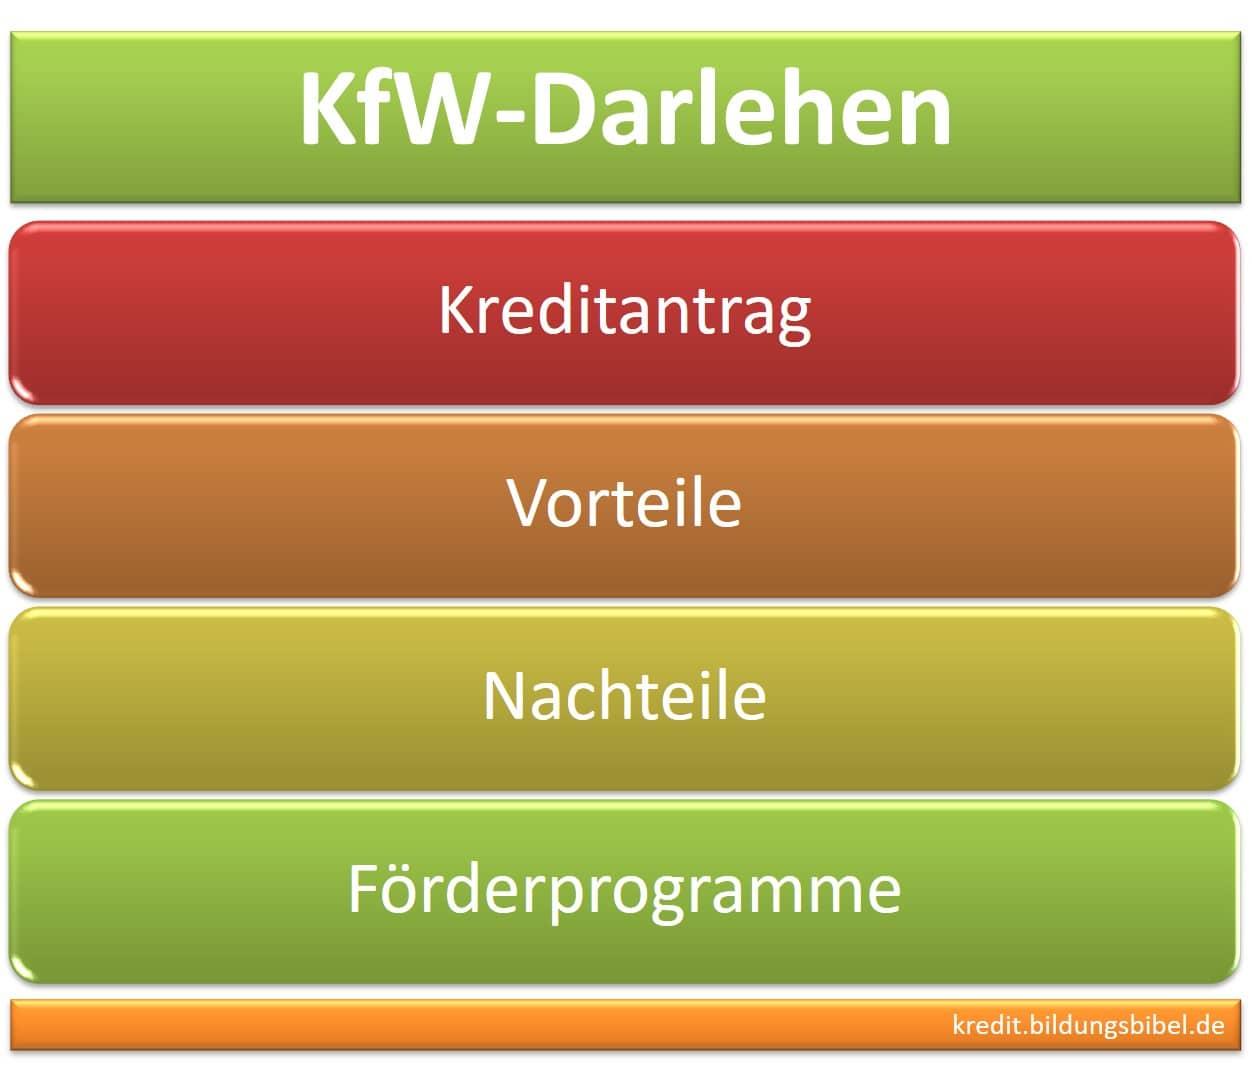 Das KfW Darlehen, die Kreditanstalt für Wiederaufbau, Kreditantrag für Investitionen, Vorteile sowie Nachteile und Förderprogramme